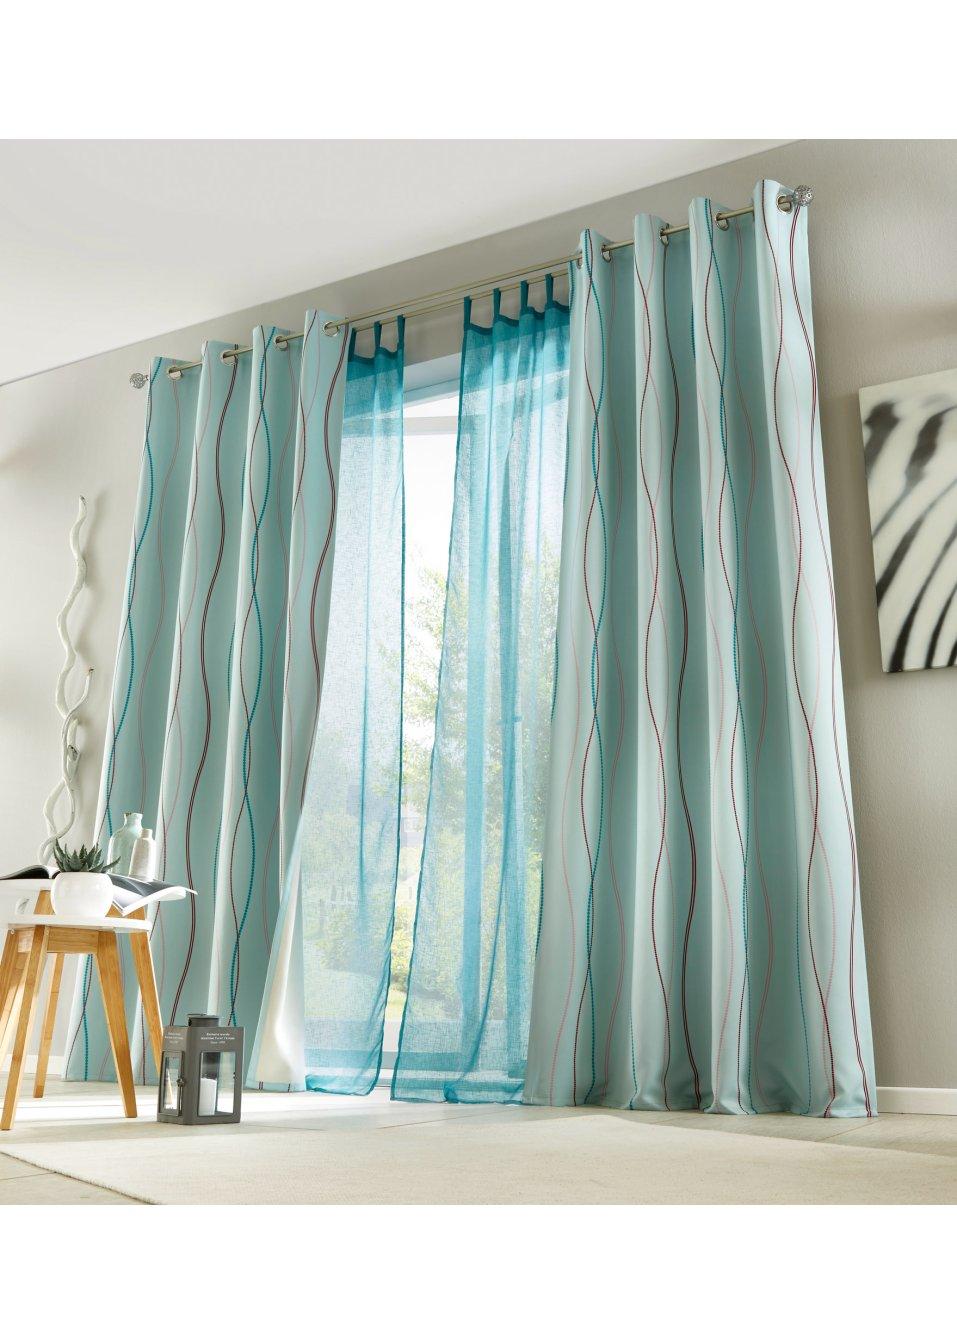 gardine gabby 1er pack schlaufen t rkis wohnen. Black Bedroom Furniture Sets. Home Design Ideas